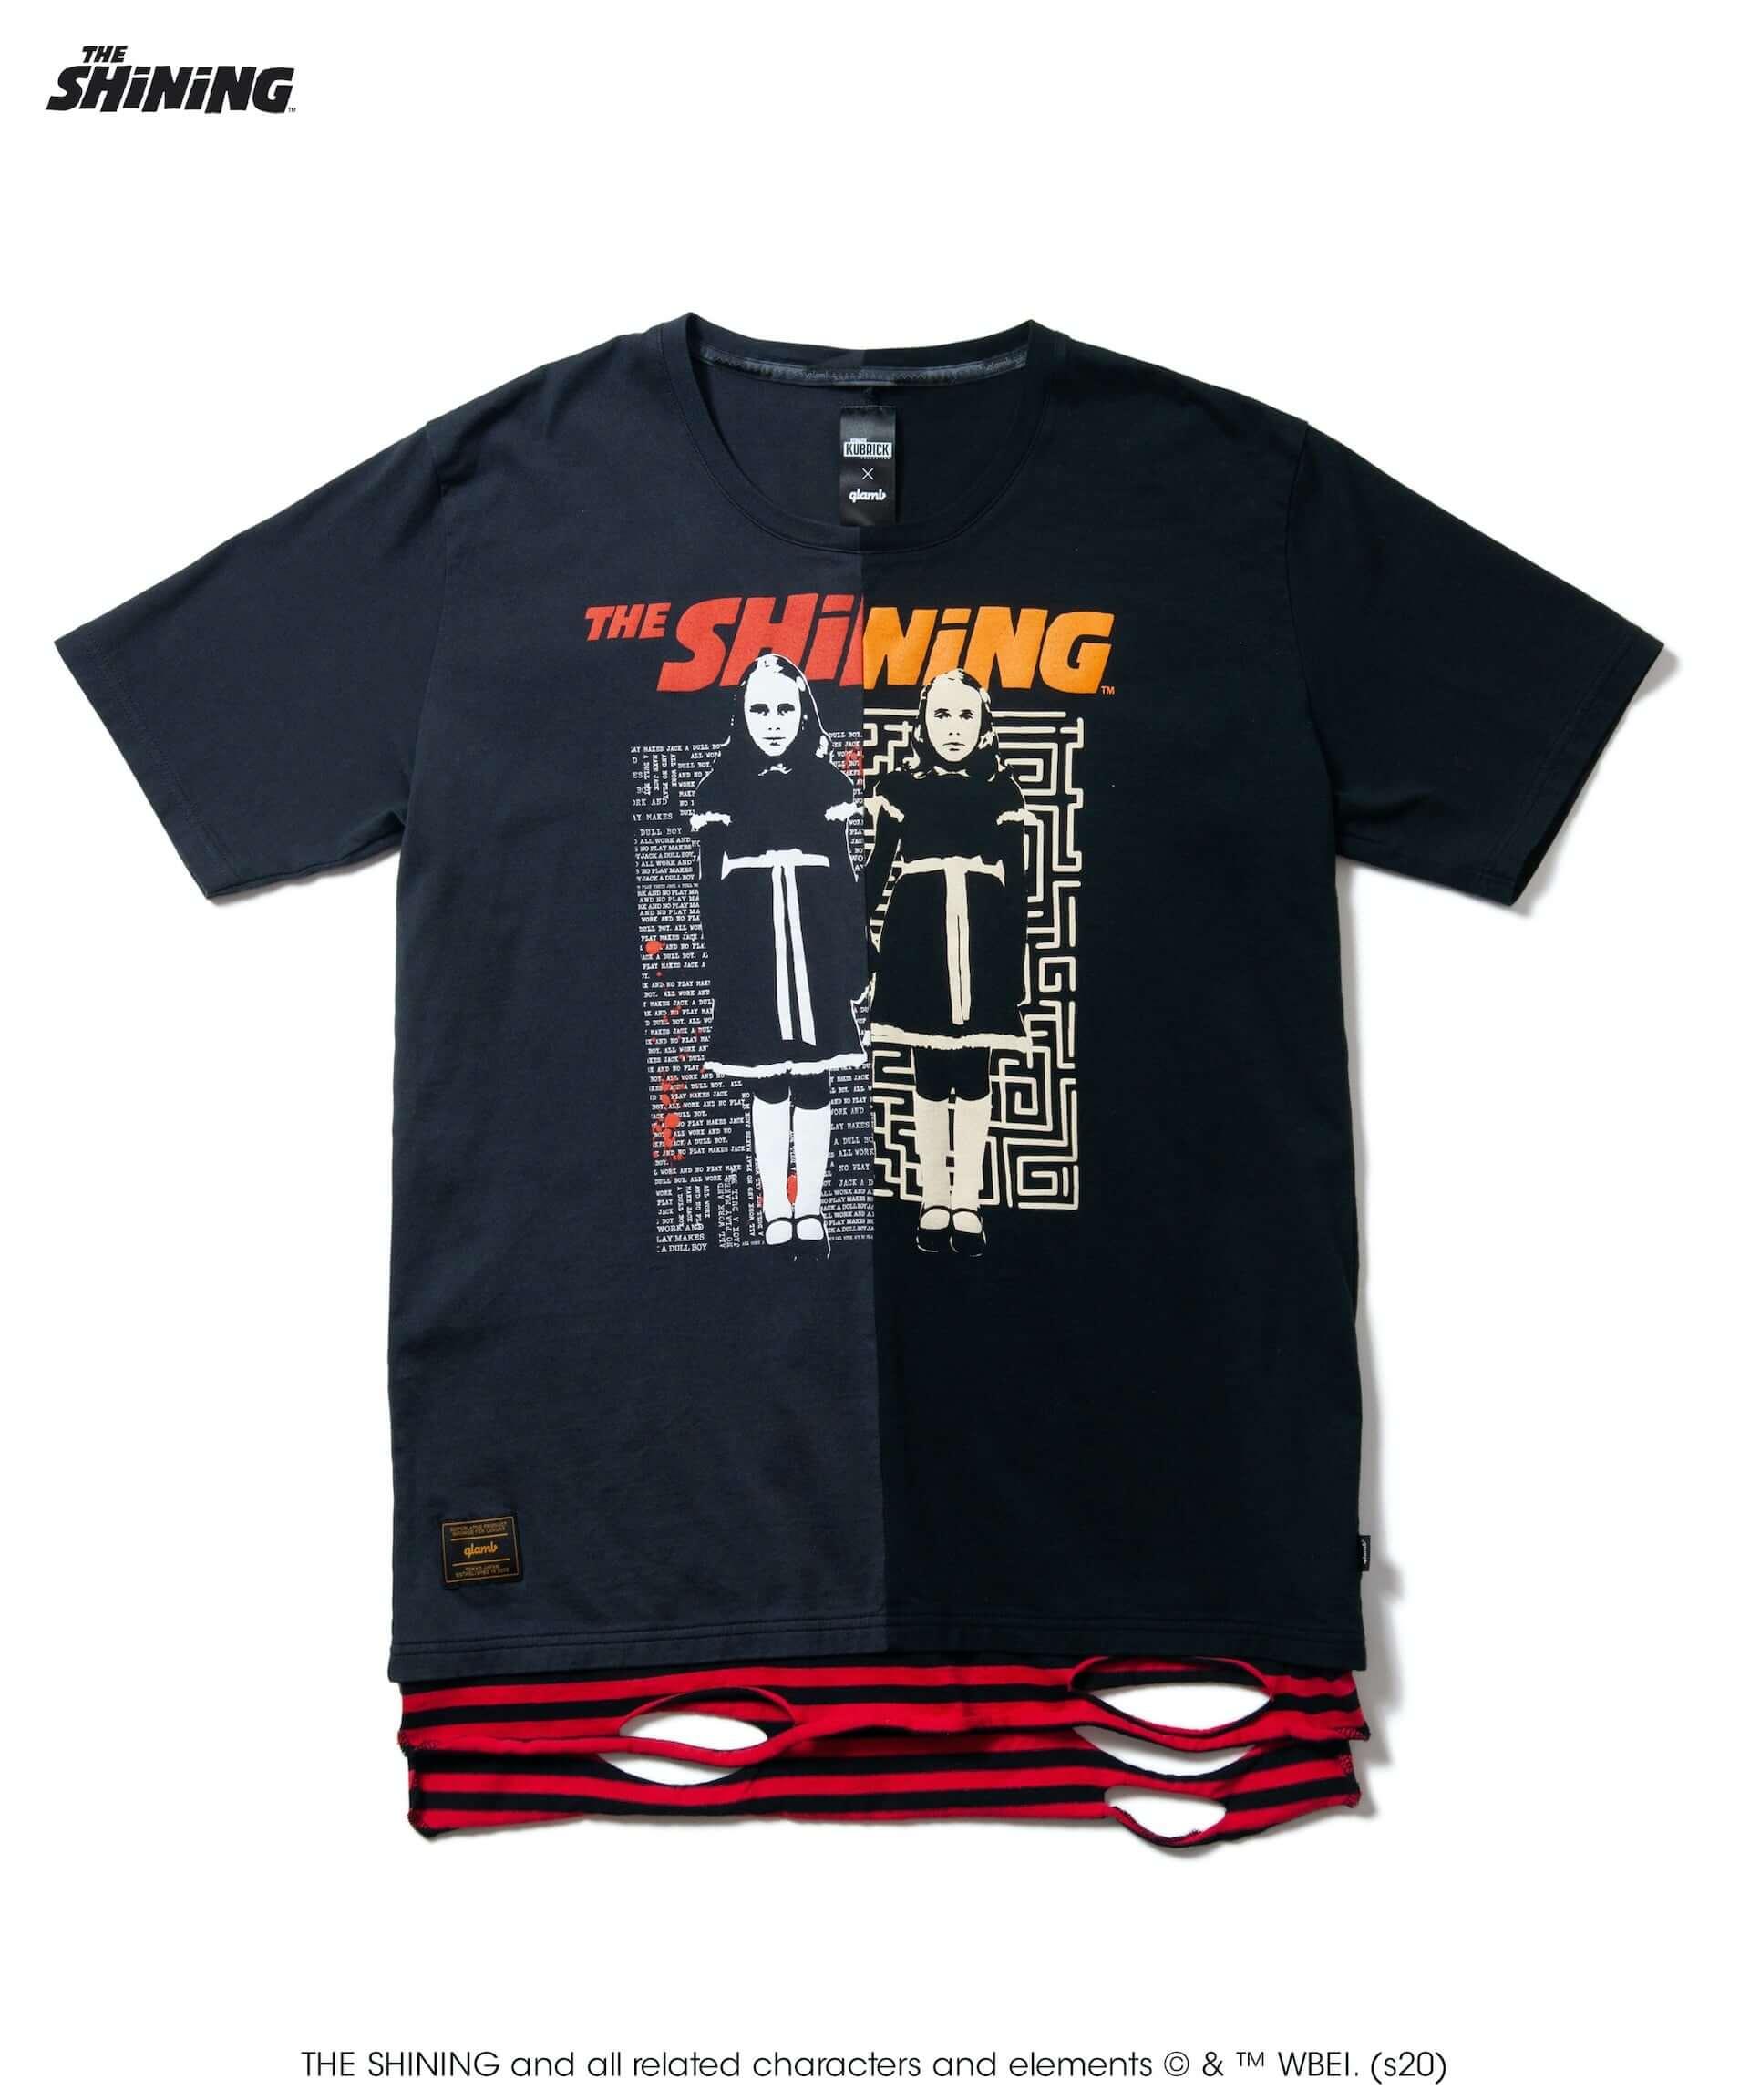 『シャイニング』や『時計じかけのオレンジ』のロゴやあのシーンも!glambとスタンリー・キューブリック作品とのコラボコレクションが登場 life200327_glamb_collection_24-1920x2304